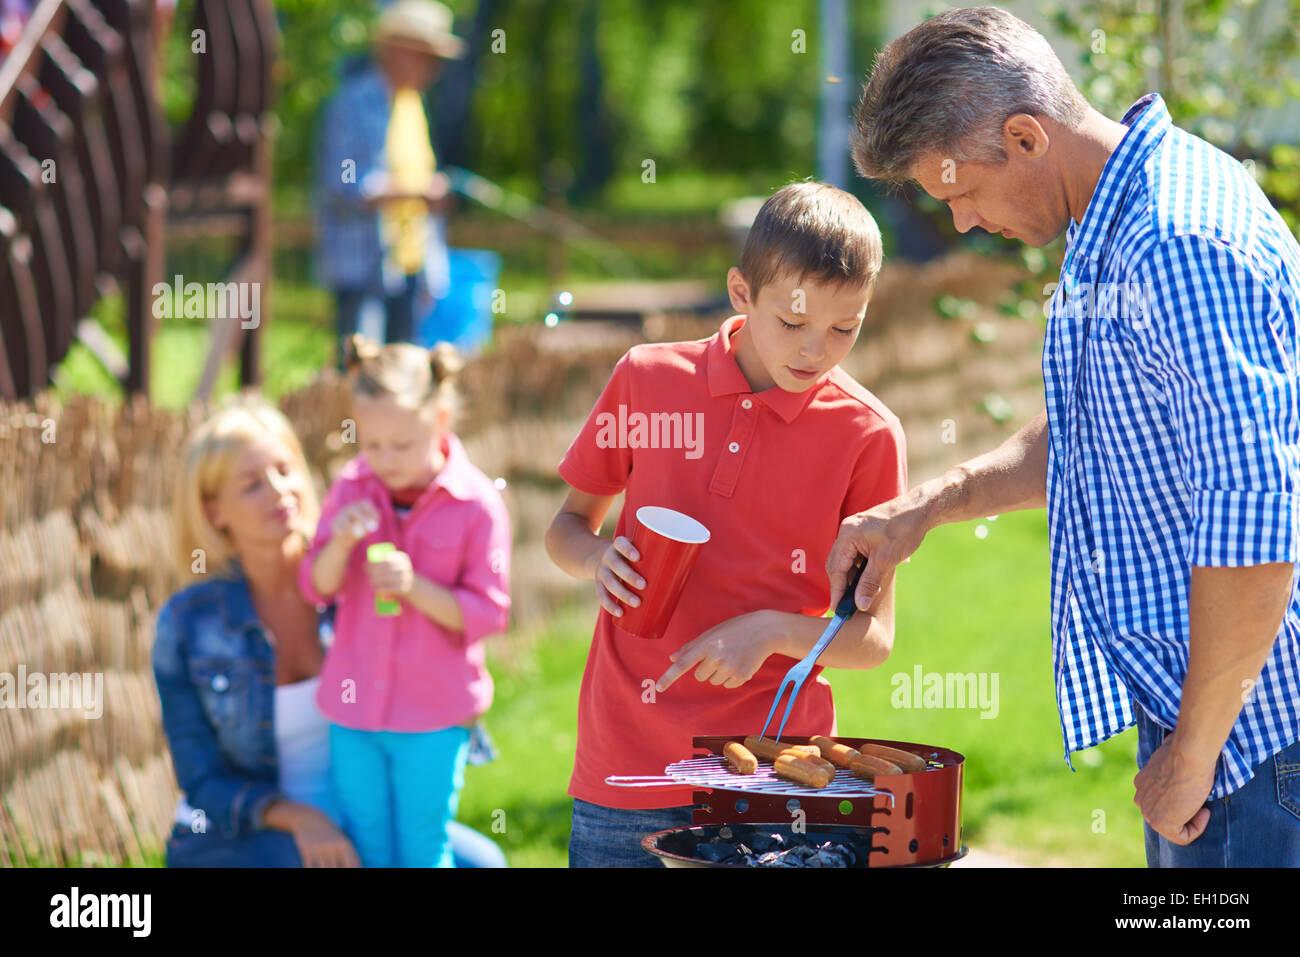 Padre e hijo freír las salchichas en su encuentro con la familia Imagen De Stock